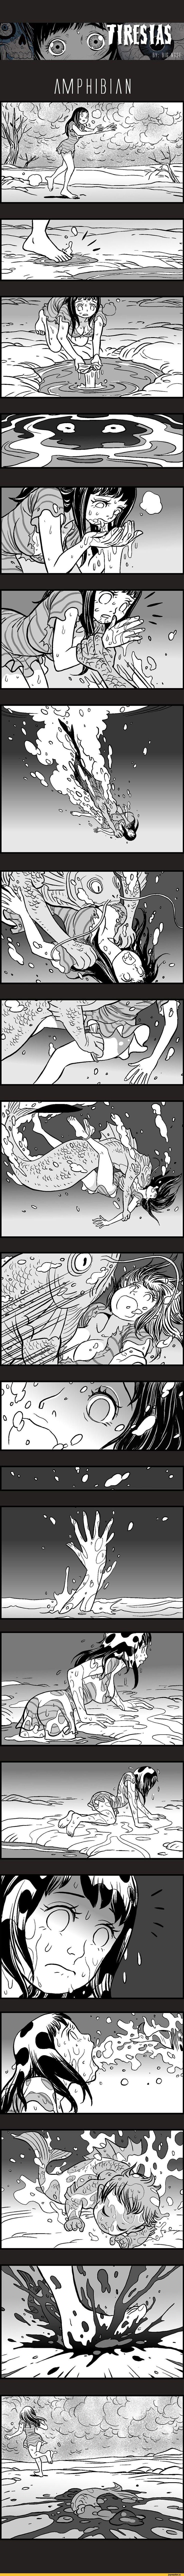 Tiresias-Dark-box-Комиксы-3793880.jpeg (940×13179)